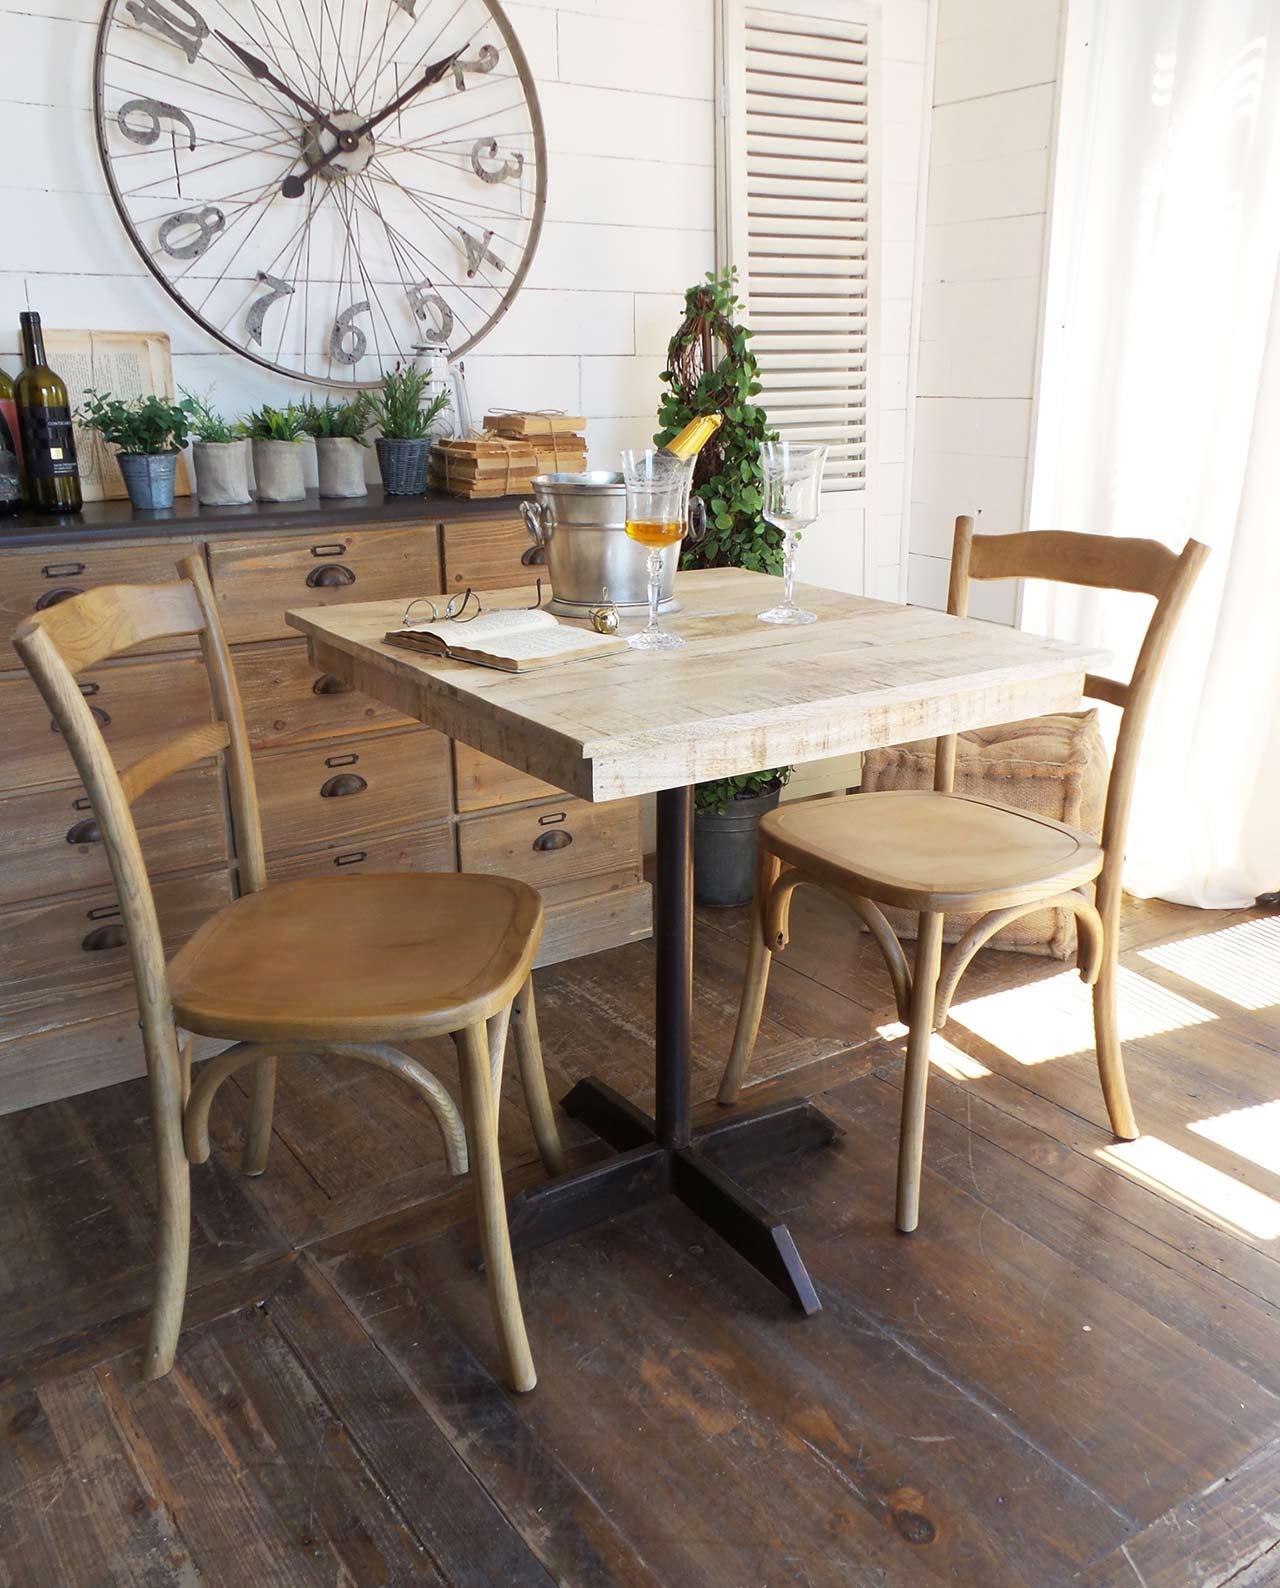 Tavolo quadrato in legno naturale e piede in ferro battuto mobilia store home favours - Tavolo legno naturale ...